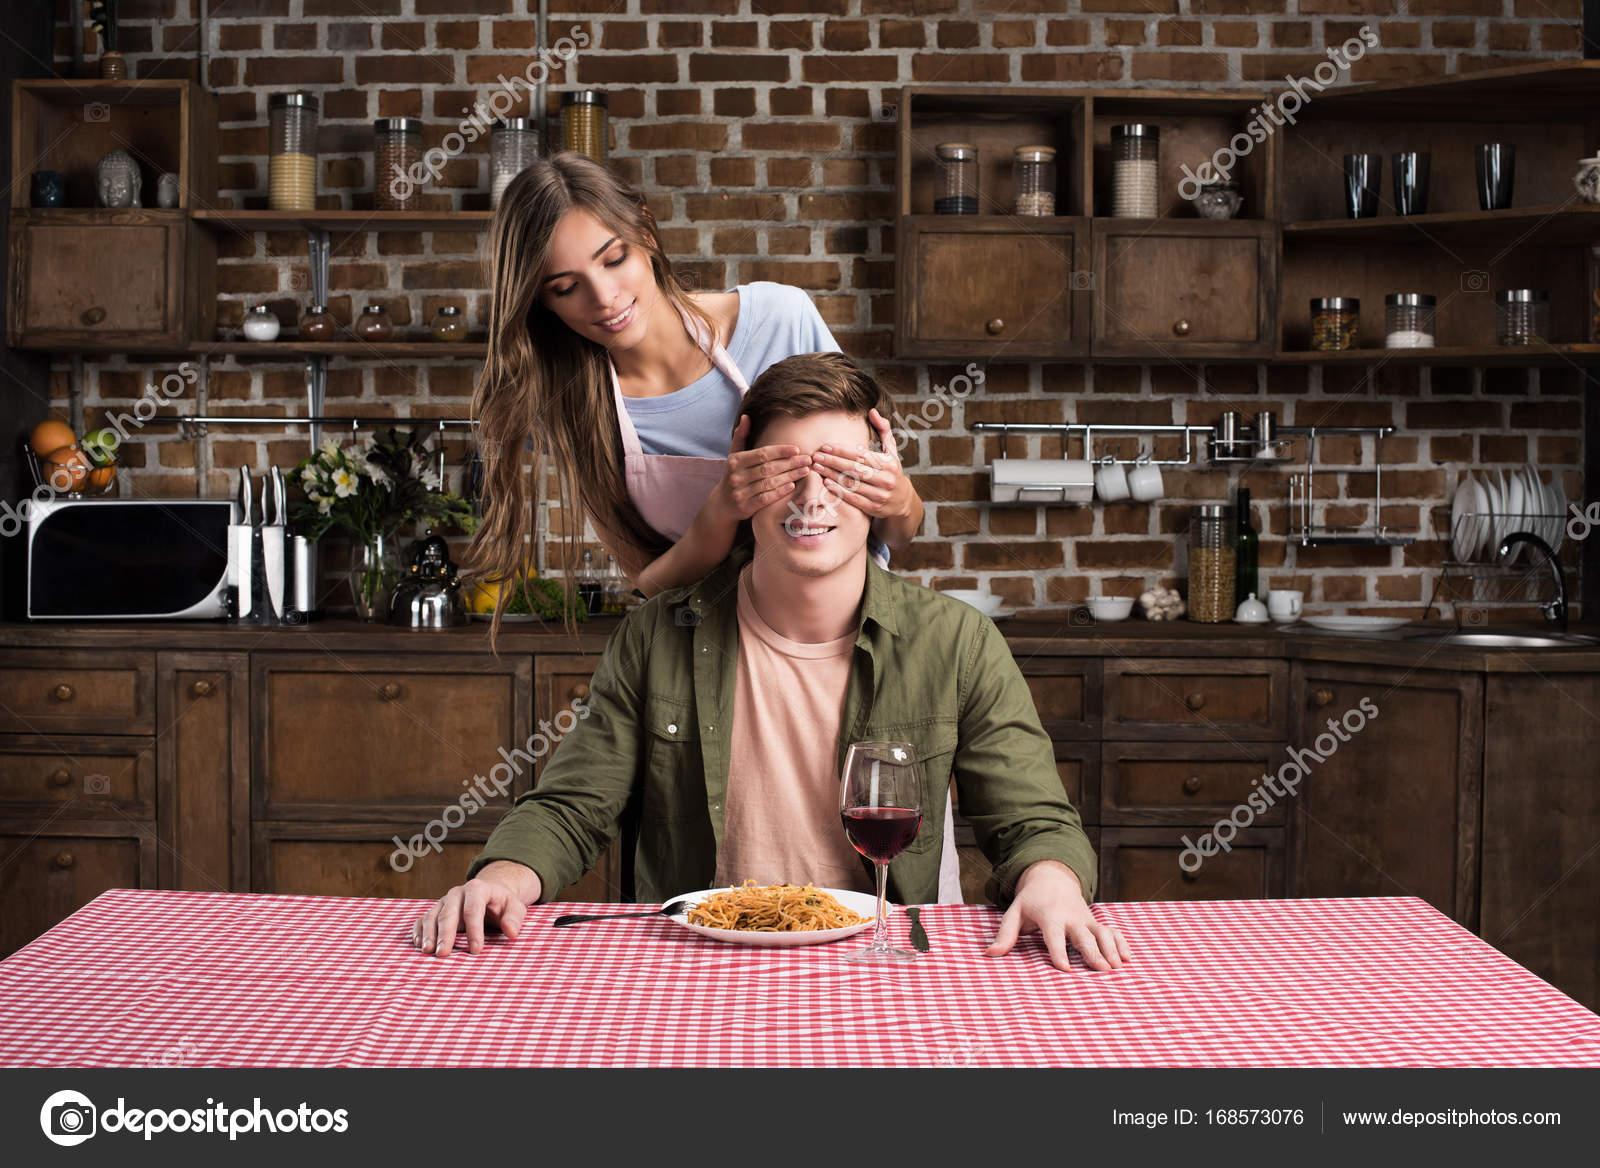 making dinner for boyfriend